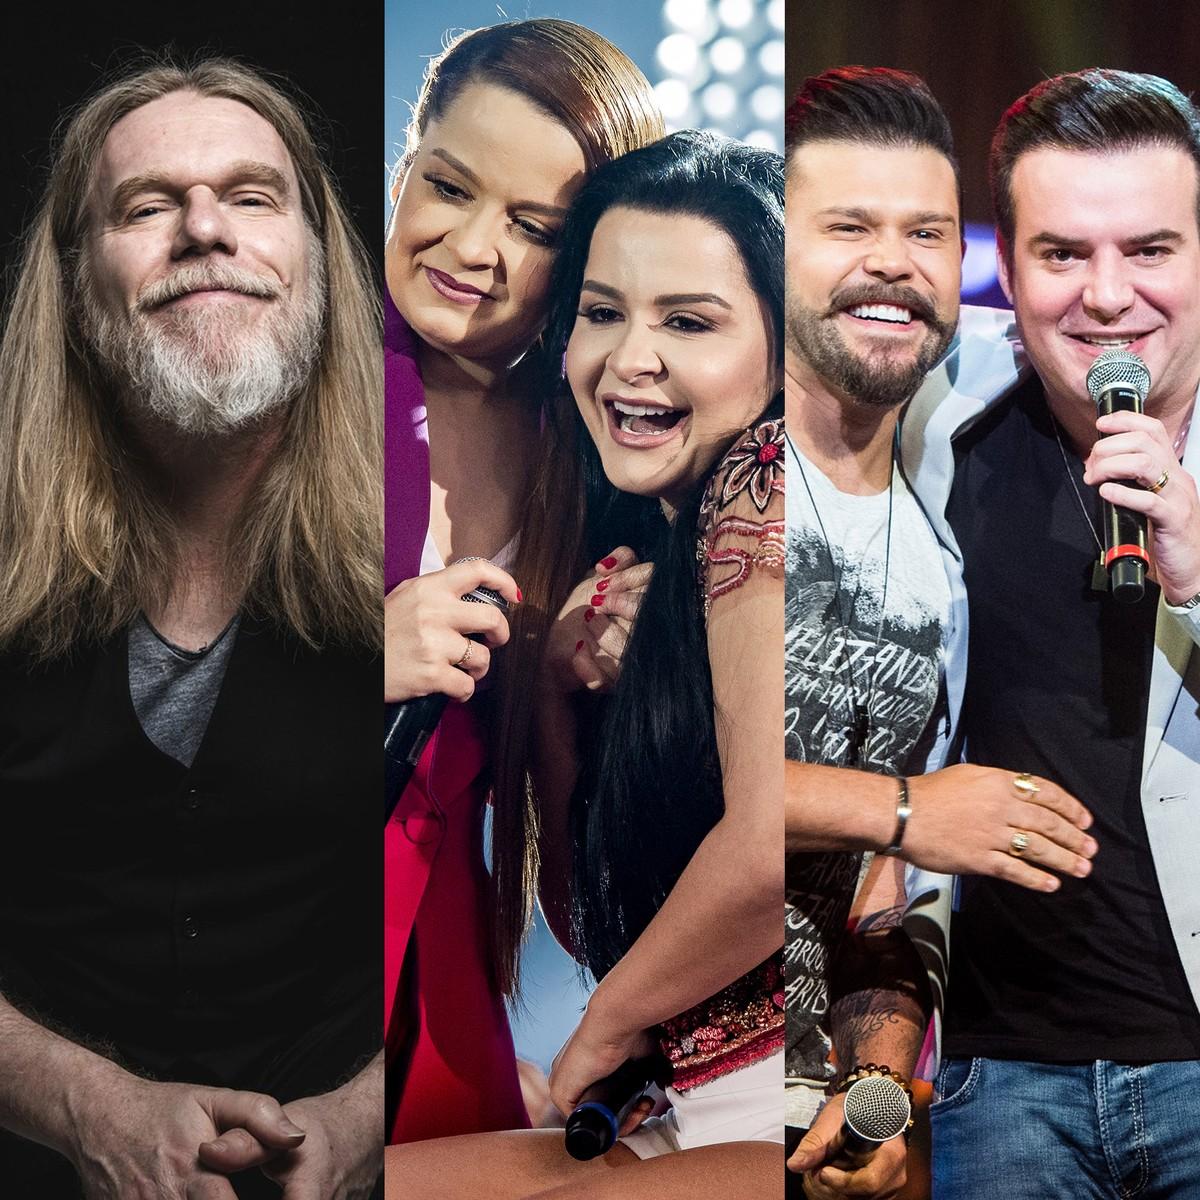 Lives de hoje: Humberto Gessinger,  Maiara & Maraisa e mais shows para ver em casa